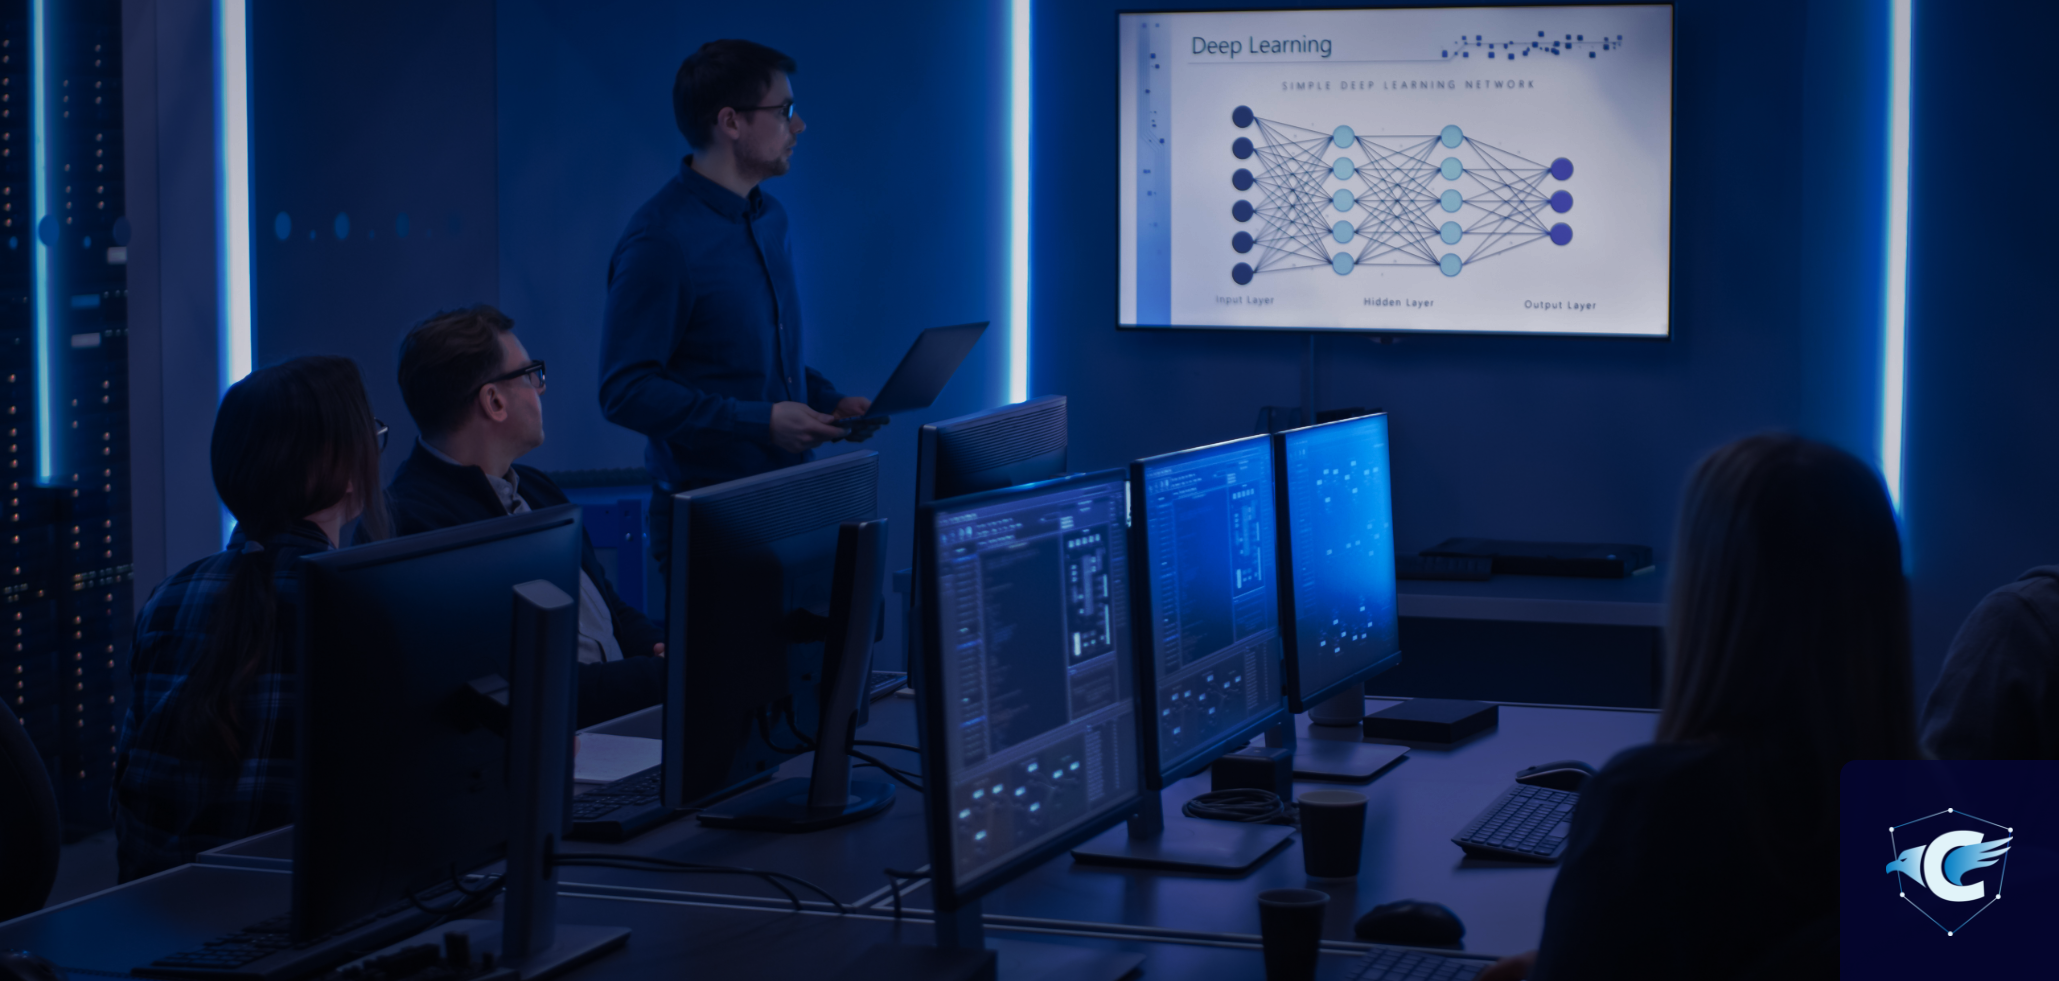 Les métiers de la cybersécurité